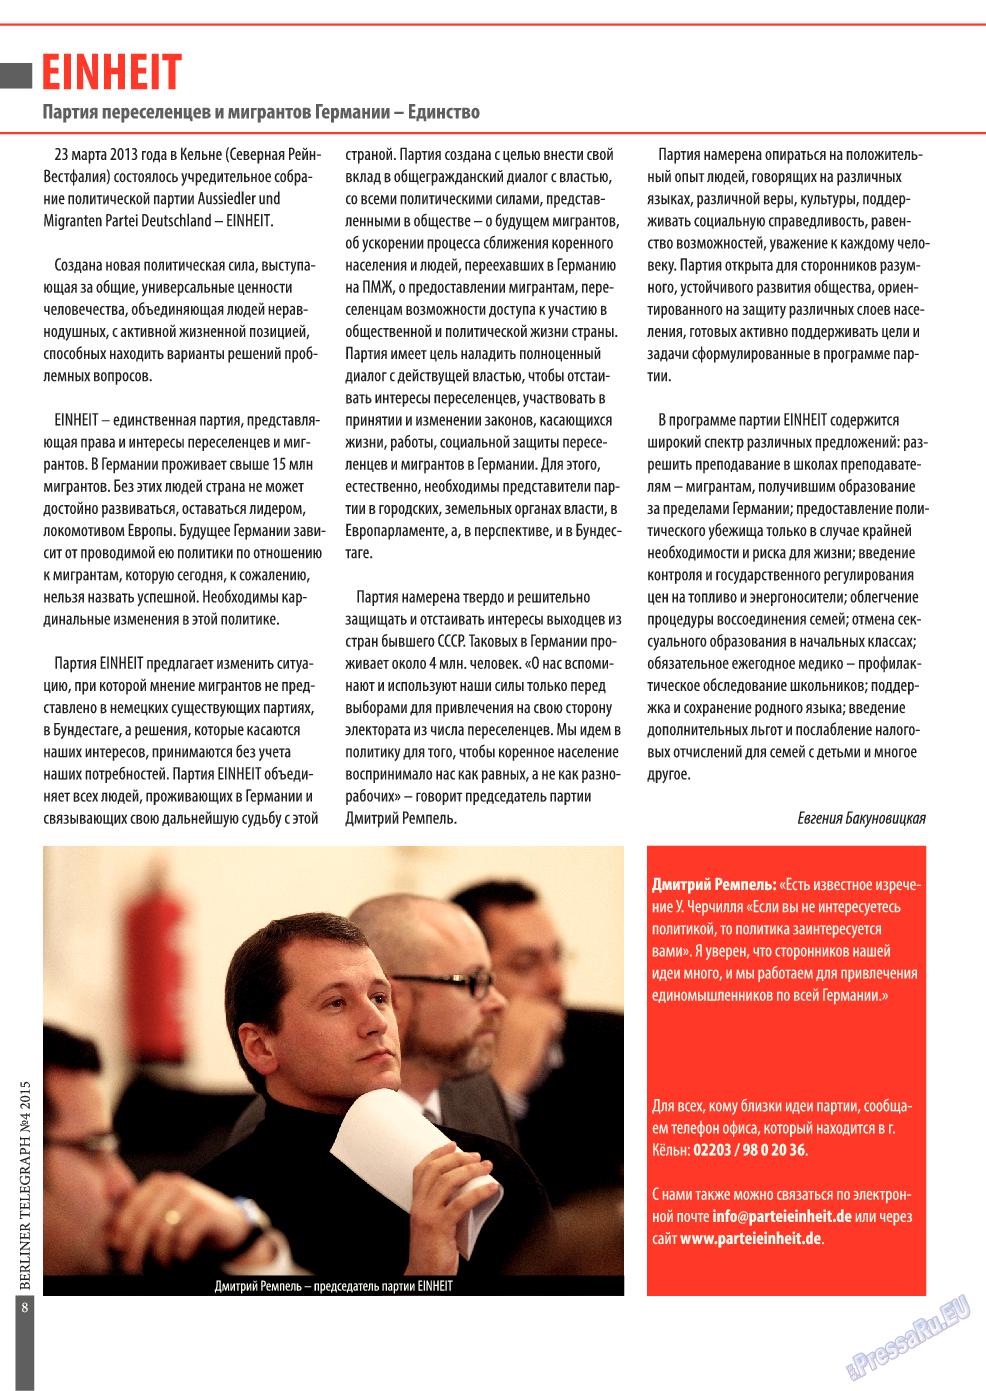 Берлинский телеграф (журнал). 2015 год, номер 4, стр. 8